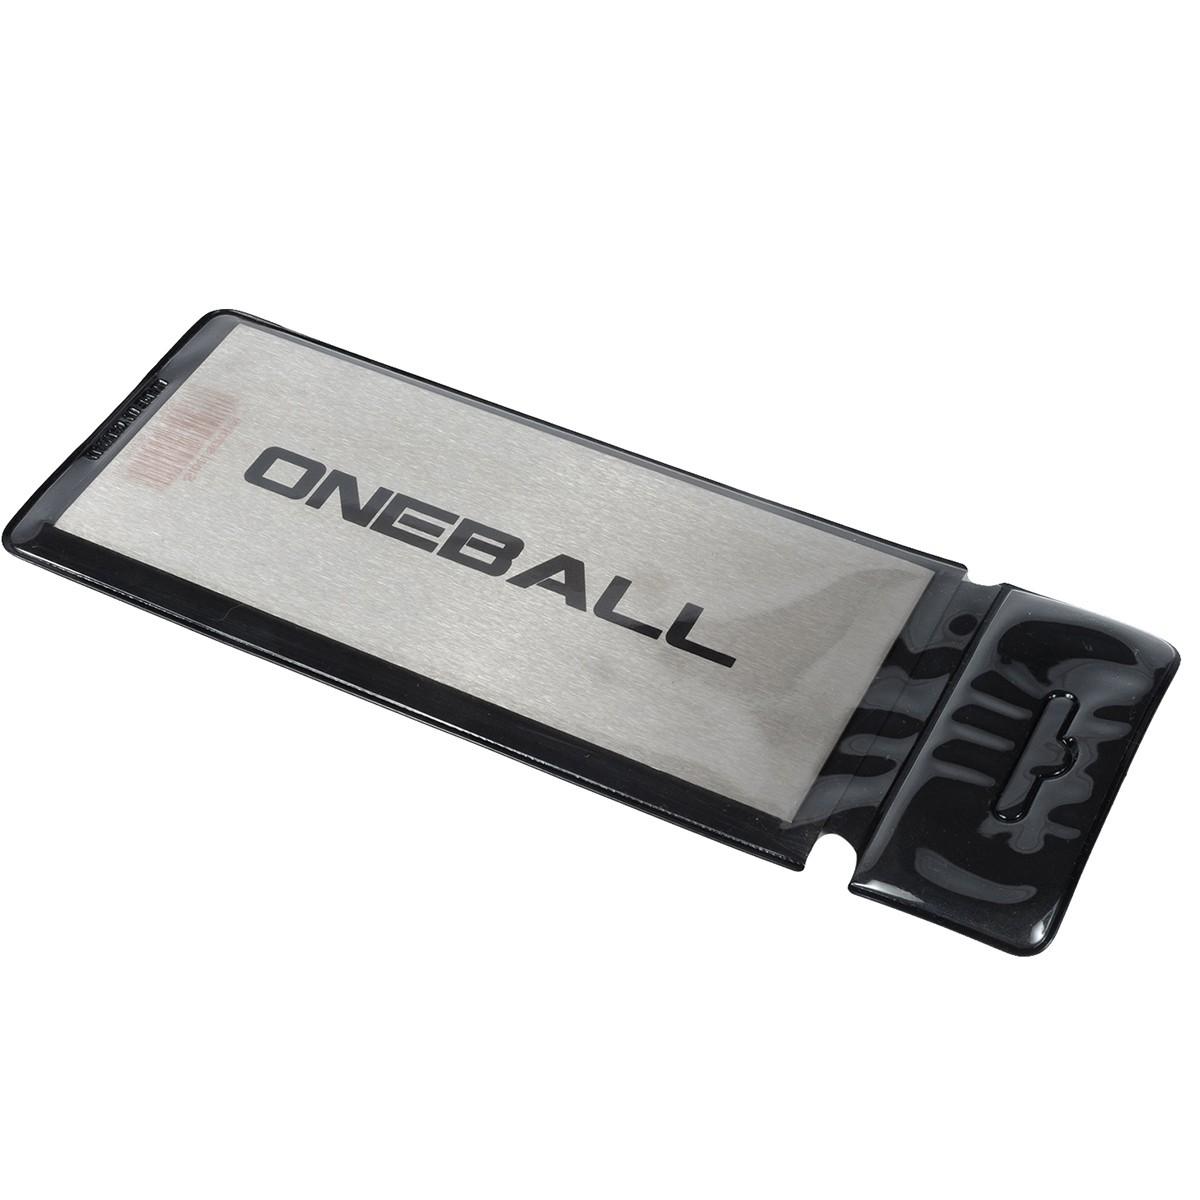 Скребок Oneball 2017-18 Scraper - Steel Assorted